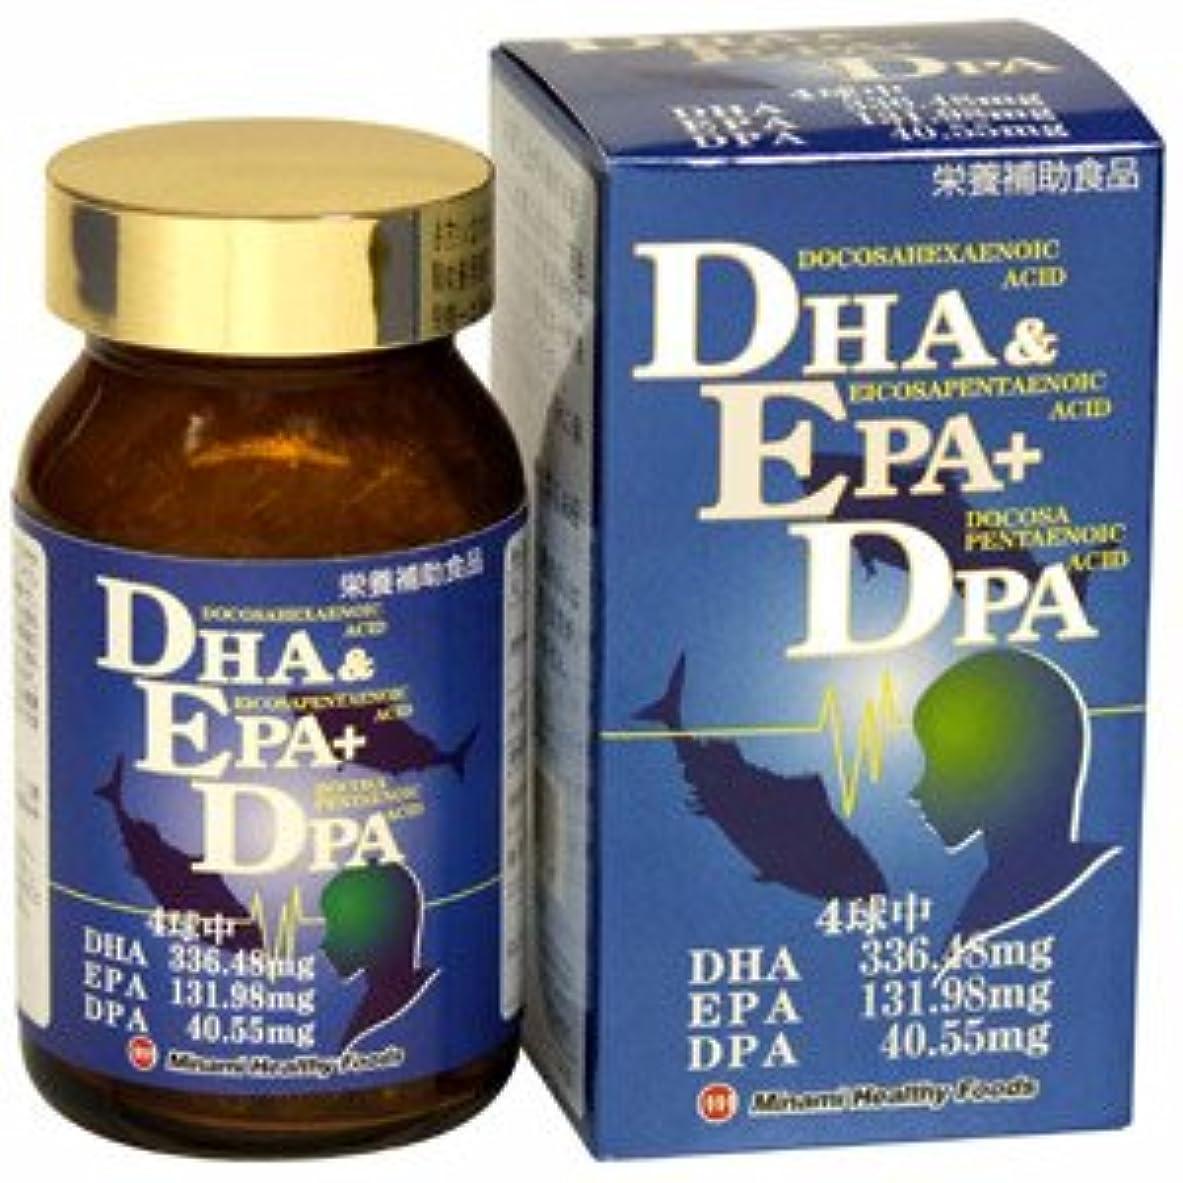 車モトリー磨かれたDHA&EPA+DPA(単品)ミナミヘルシーフーズ